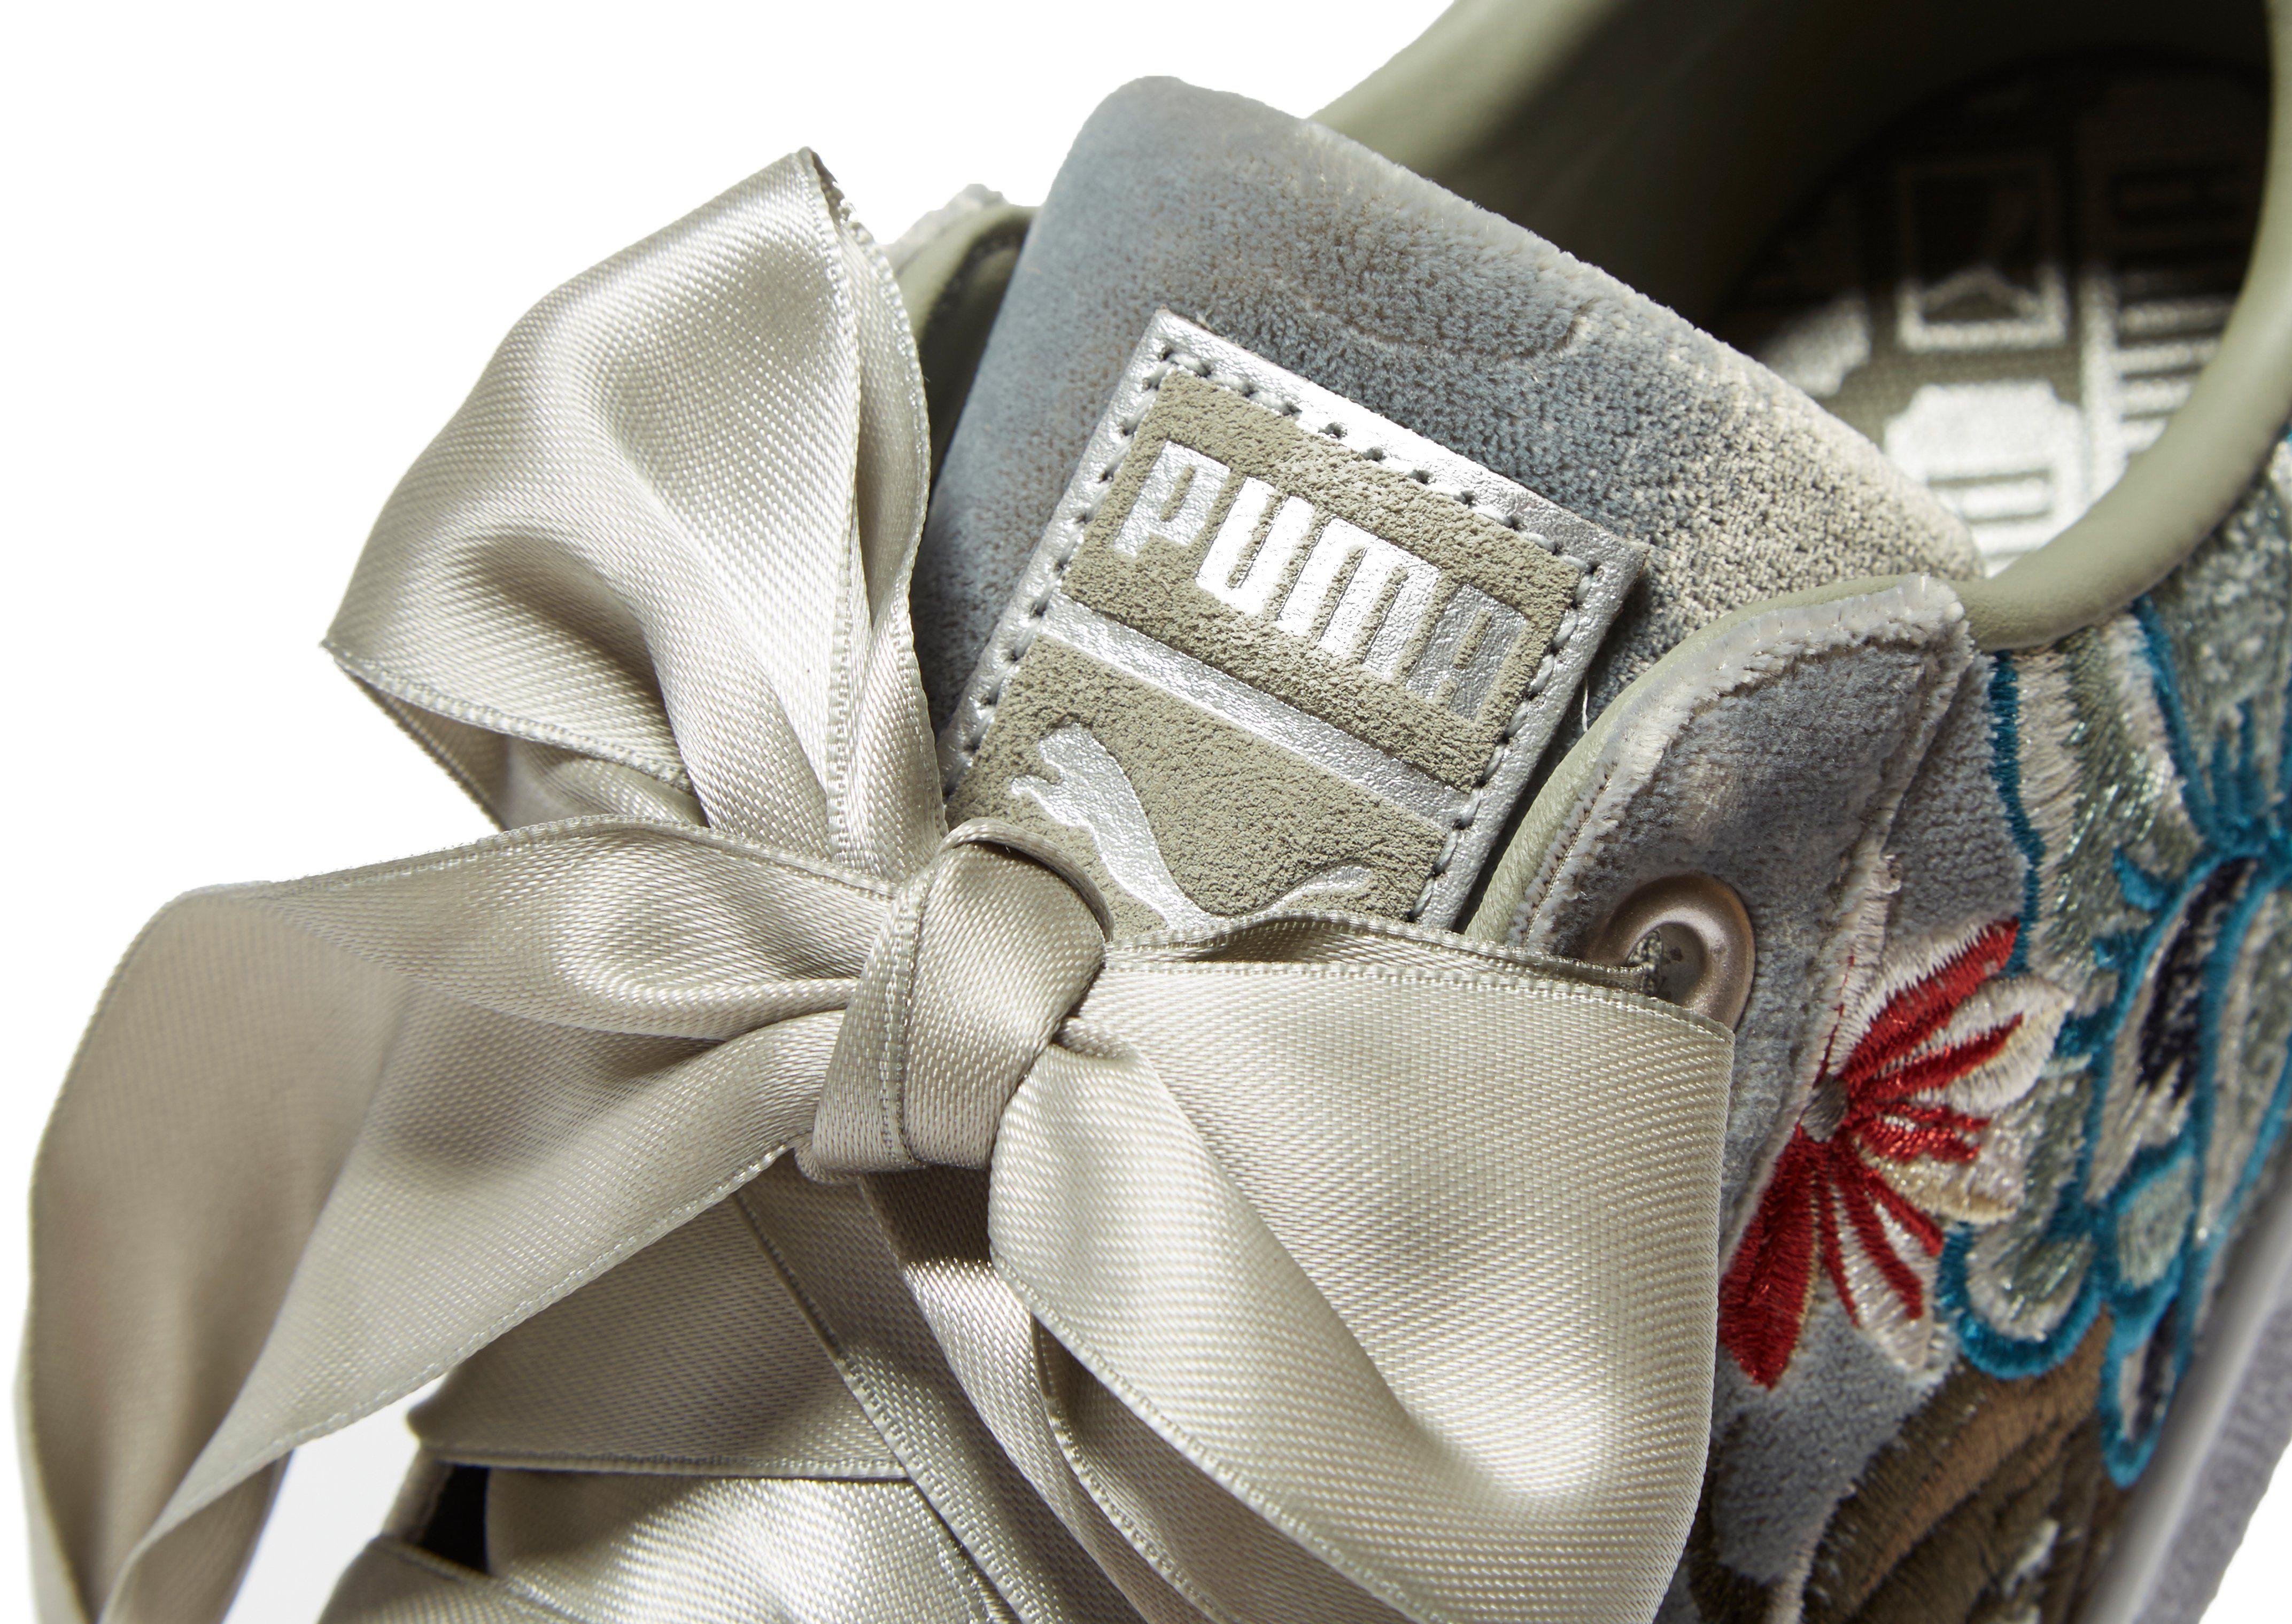 Verkaufsauftrag PUMA Basket Heart Embroidered Damen Grau Auslass Niedriger Preis Spielraum Echt Schlussverkauf IeSPWHM